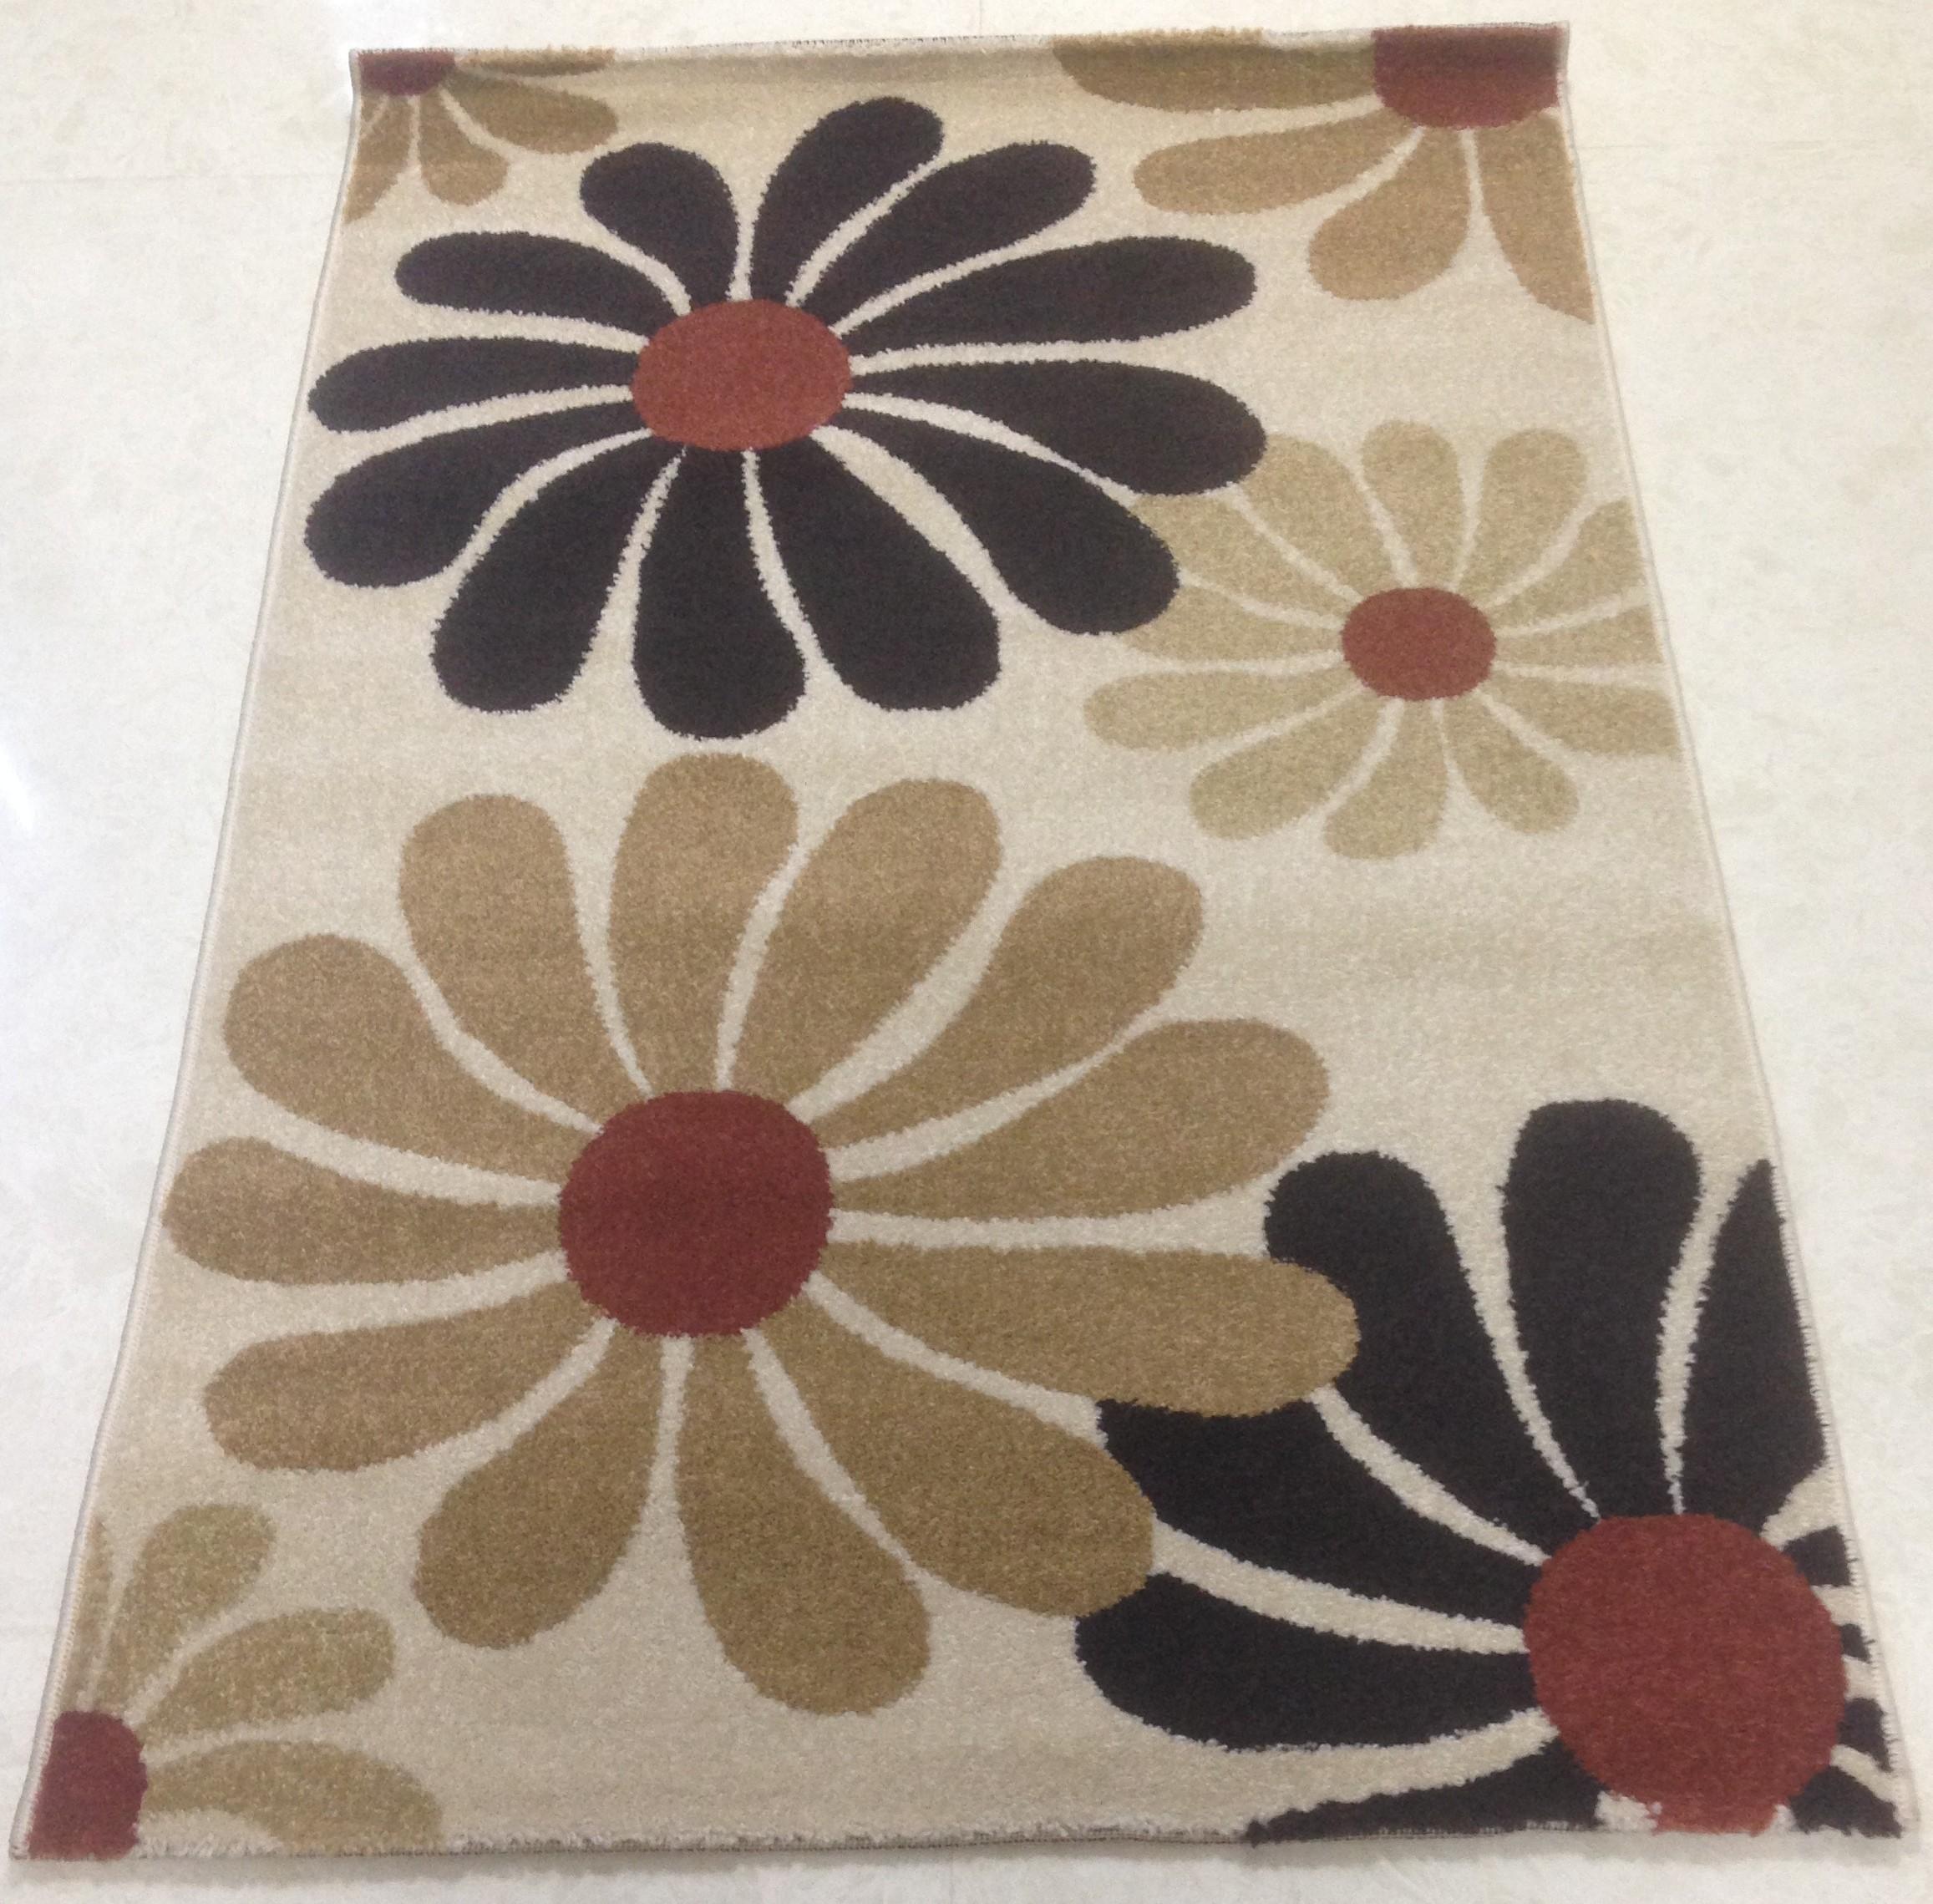 Home Goods Carpet Rug Polypropylene Carpet Buy Home